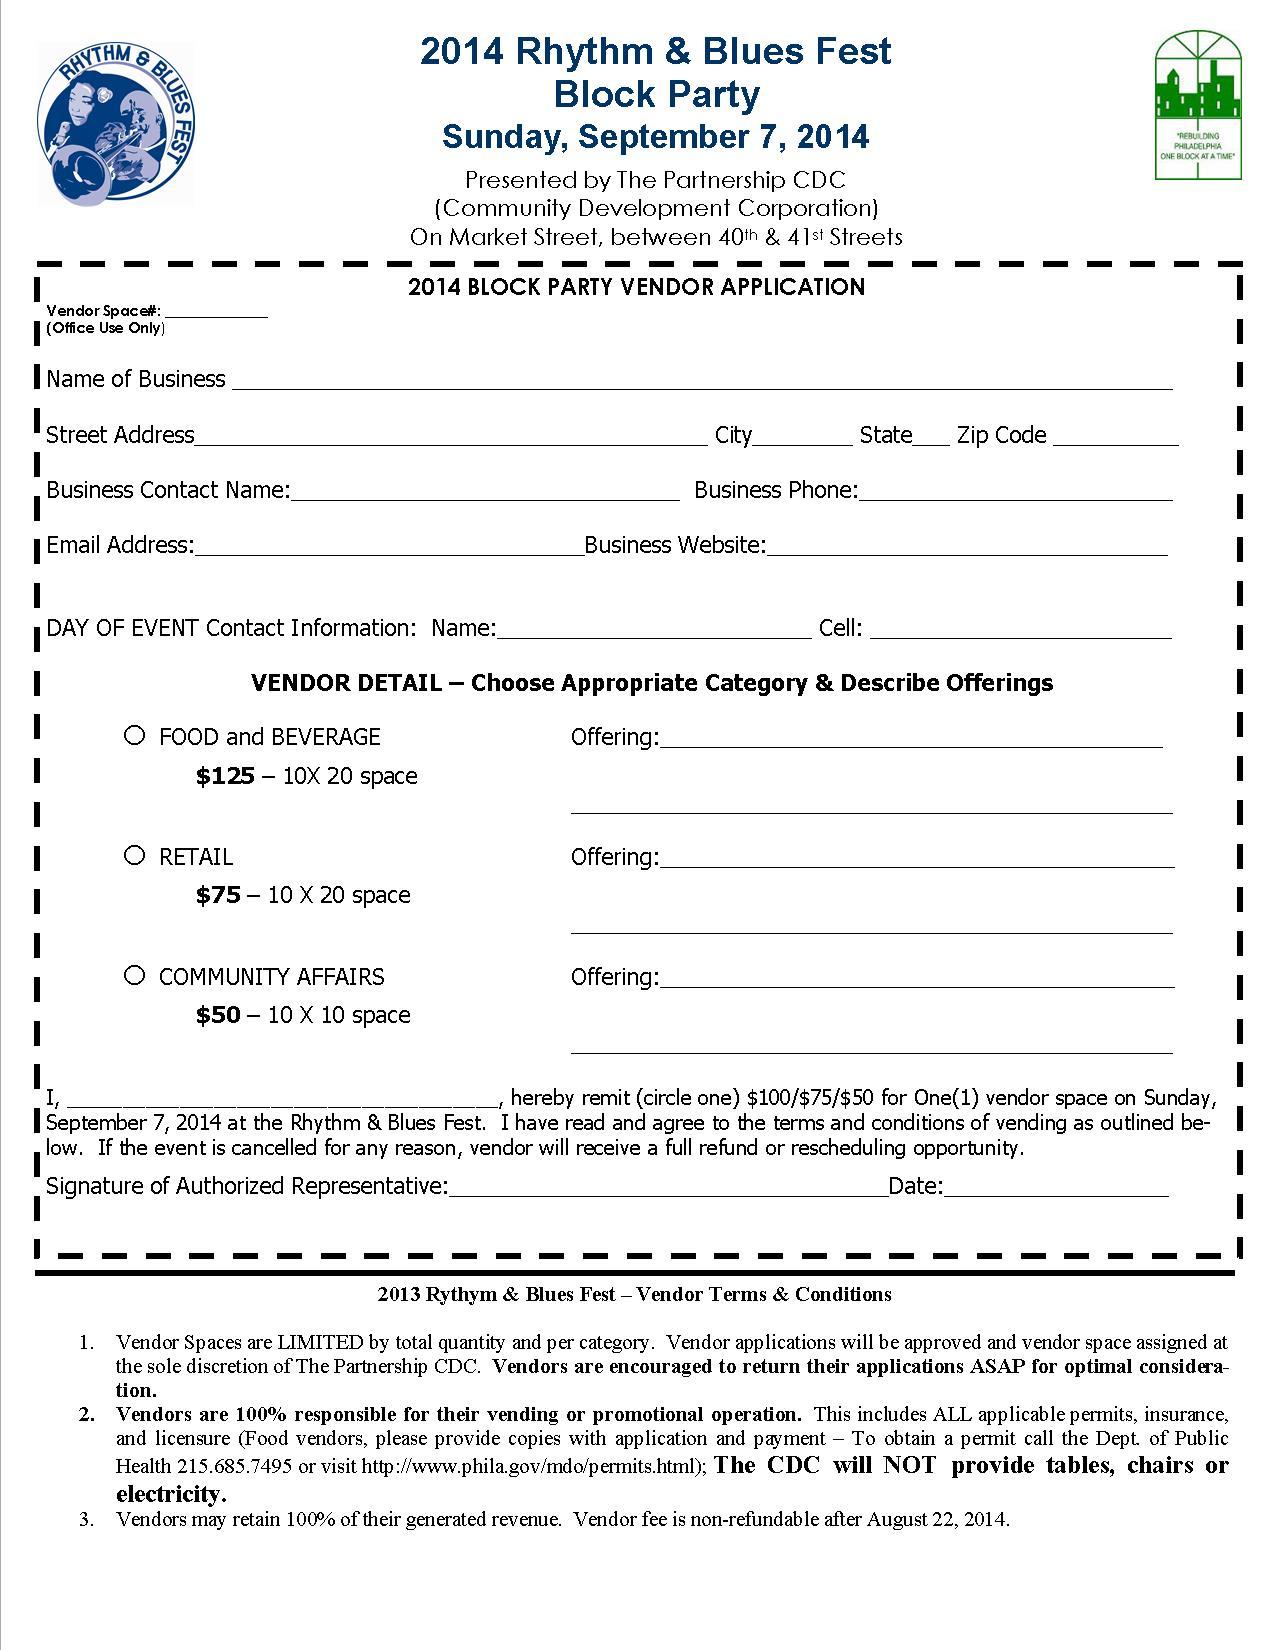 The RB Fest – Vendor Registration Form